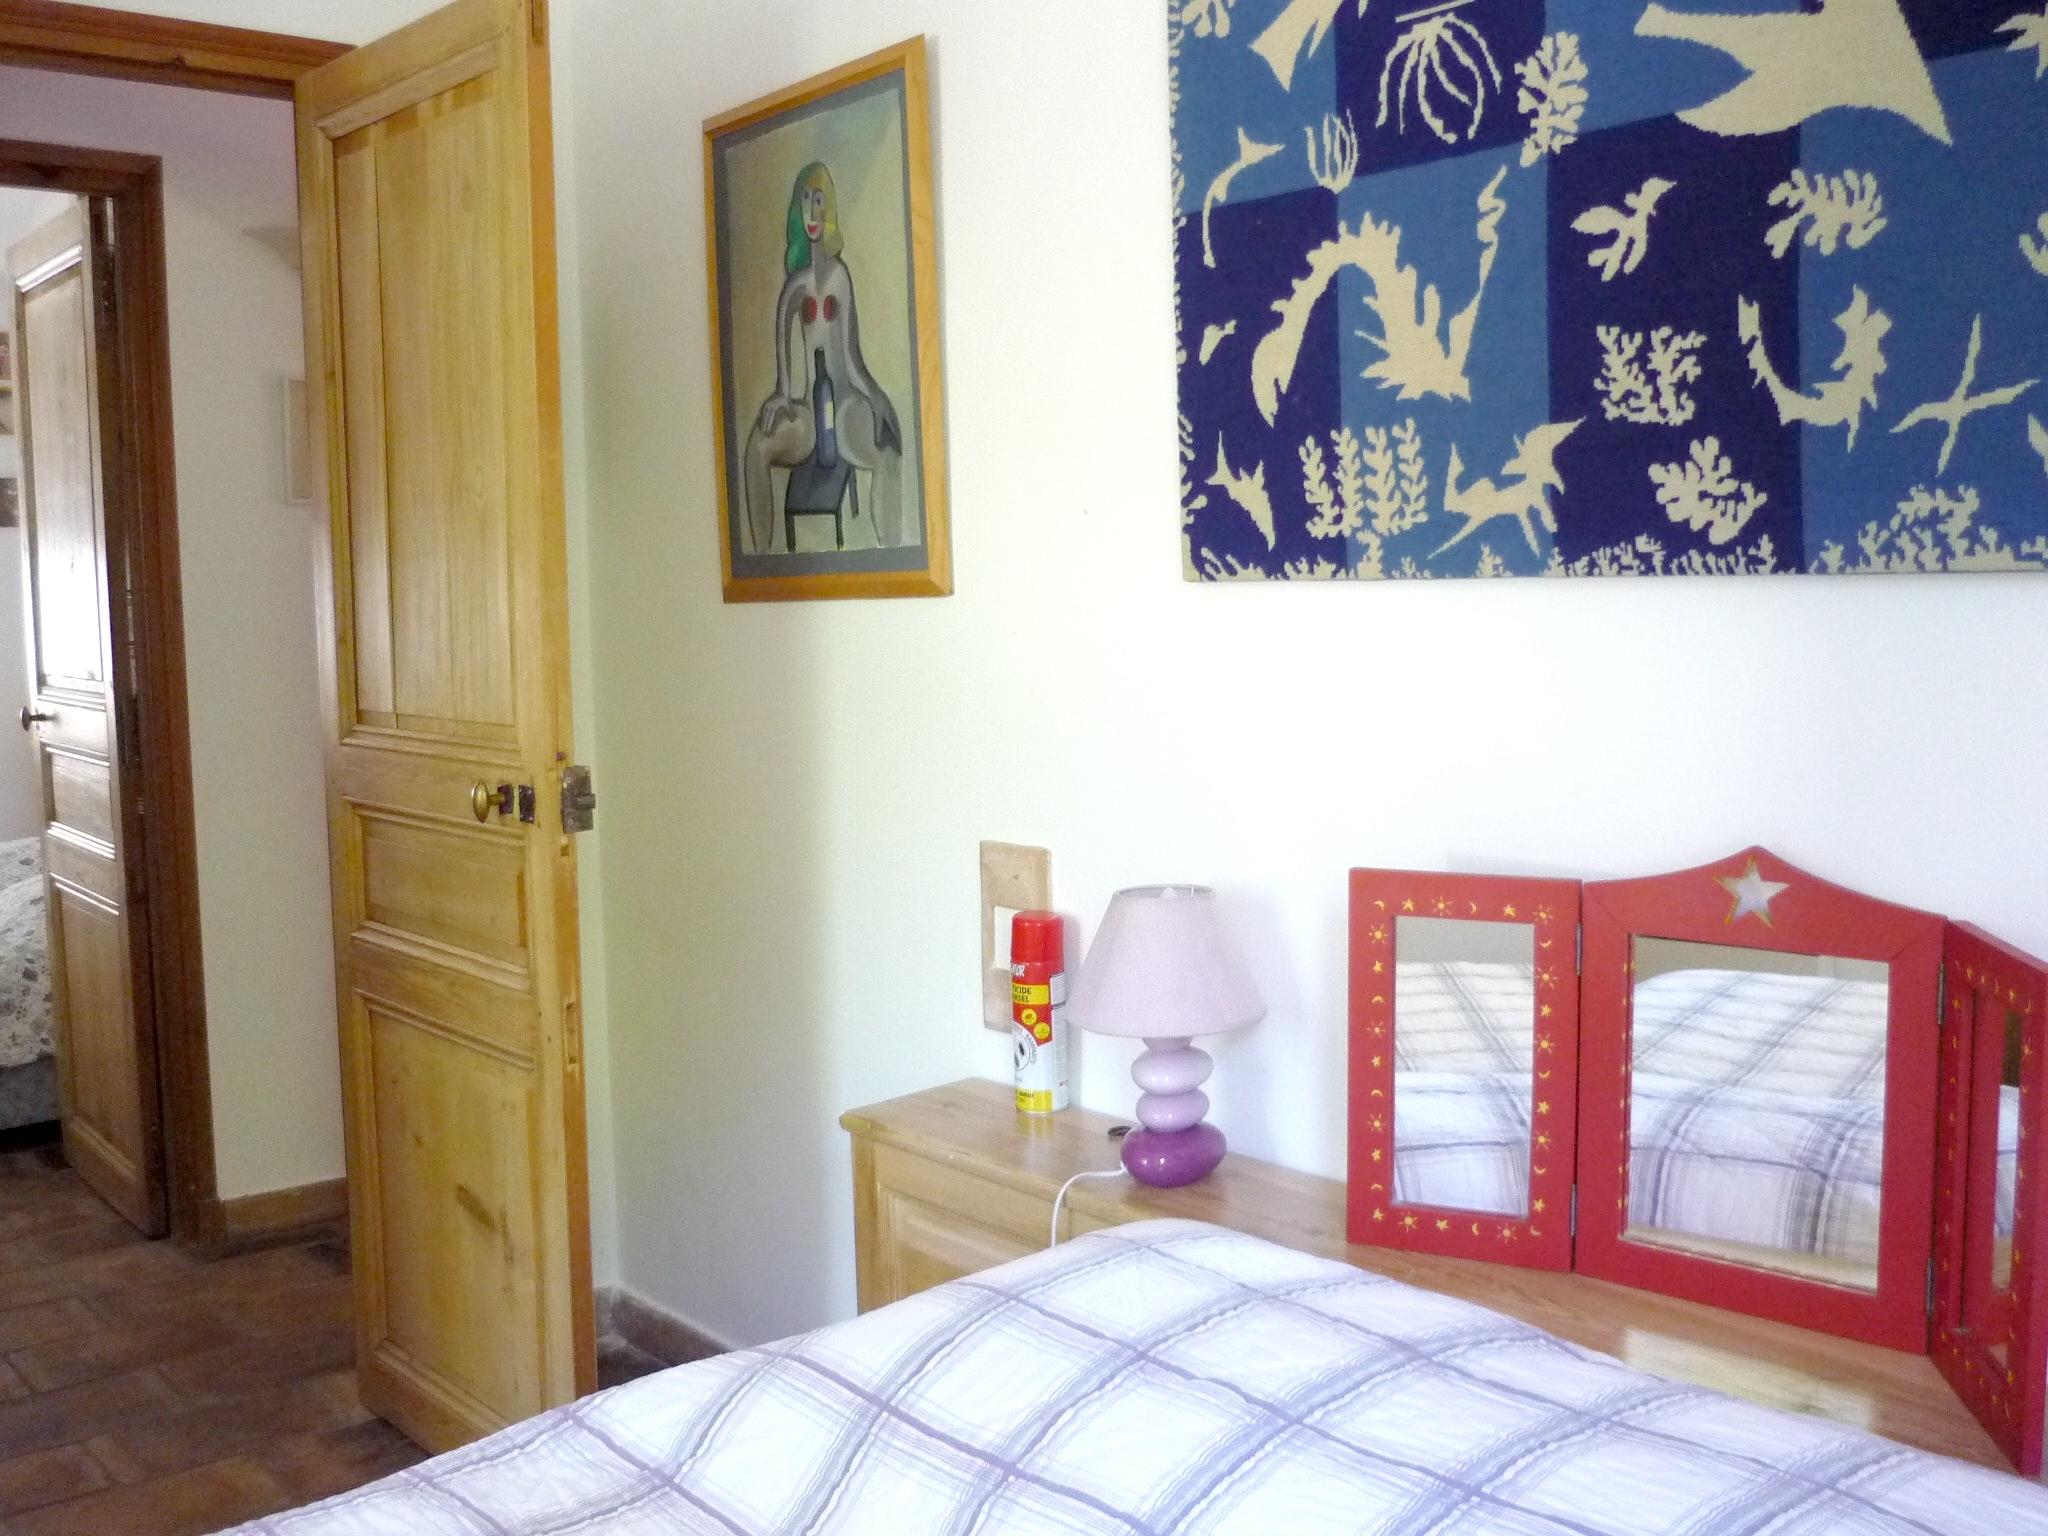 Maison de vacances Villa mit 5 Zimmern in La Garde-Freinet mit privatem Pool, Garten und W-LAN - 20 km vom St (2339879), La Garde Freinet, Côte d'Azur, Provence - Alpes - Côte d'Azur, France, image 19